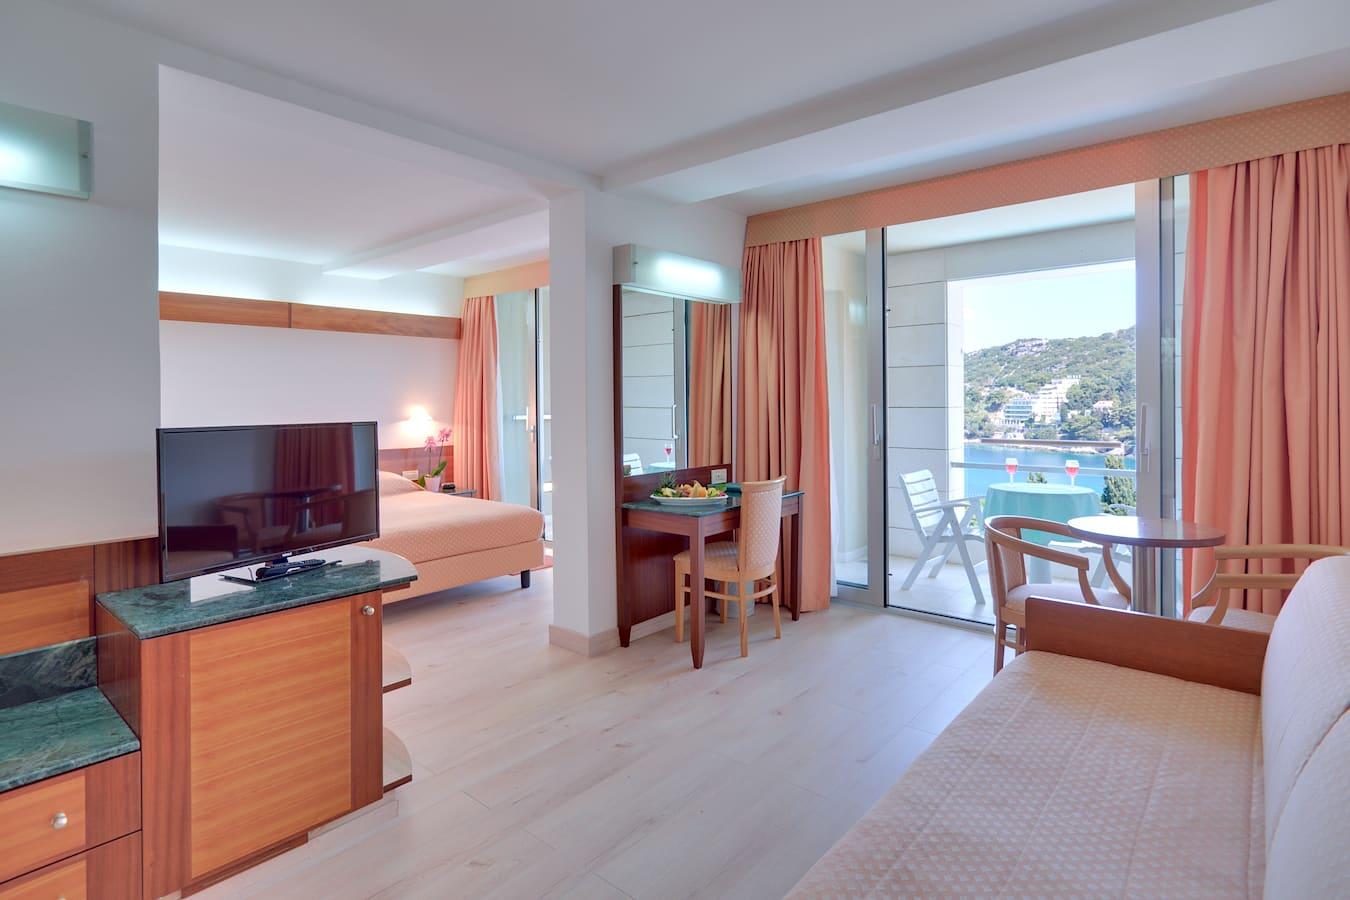 uvala-hotel-superior-room-balcony-seaview.jpg